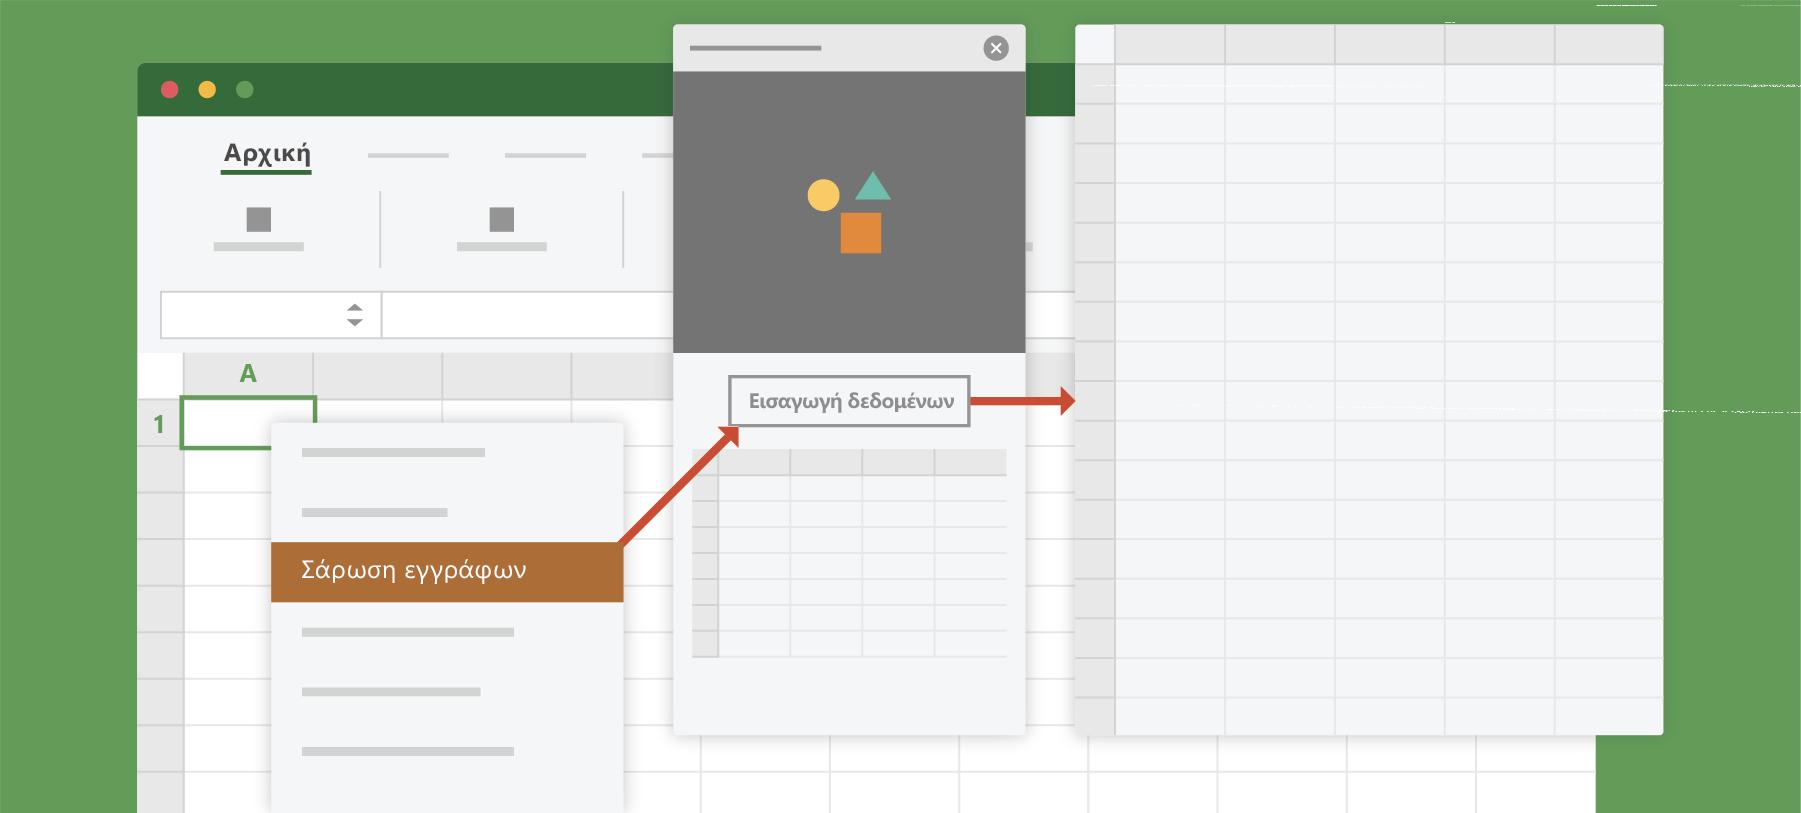 Εμφανίζει την επιλογή Σάρωση εγγράφου στο Excel